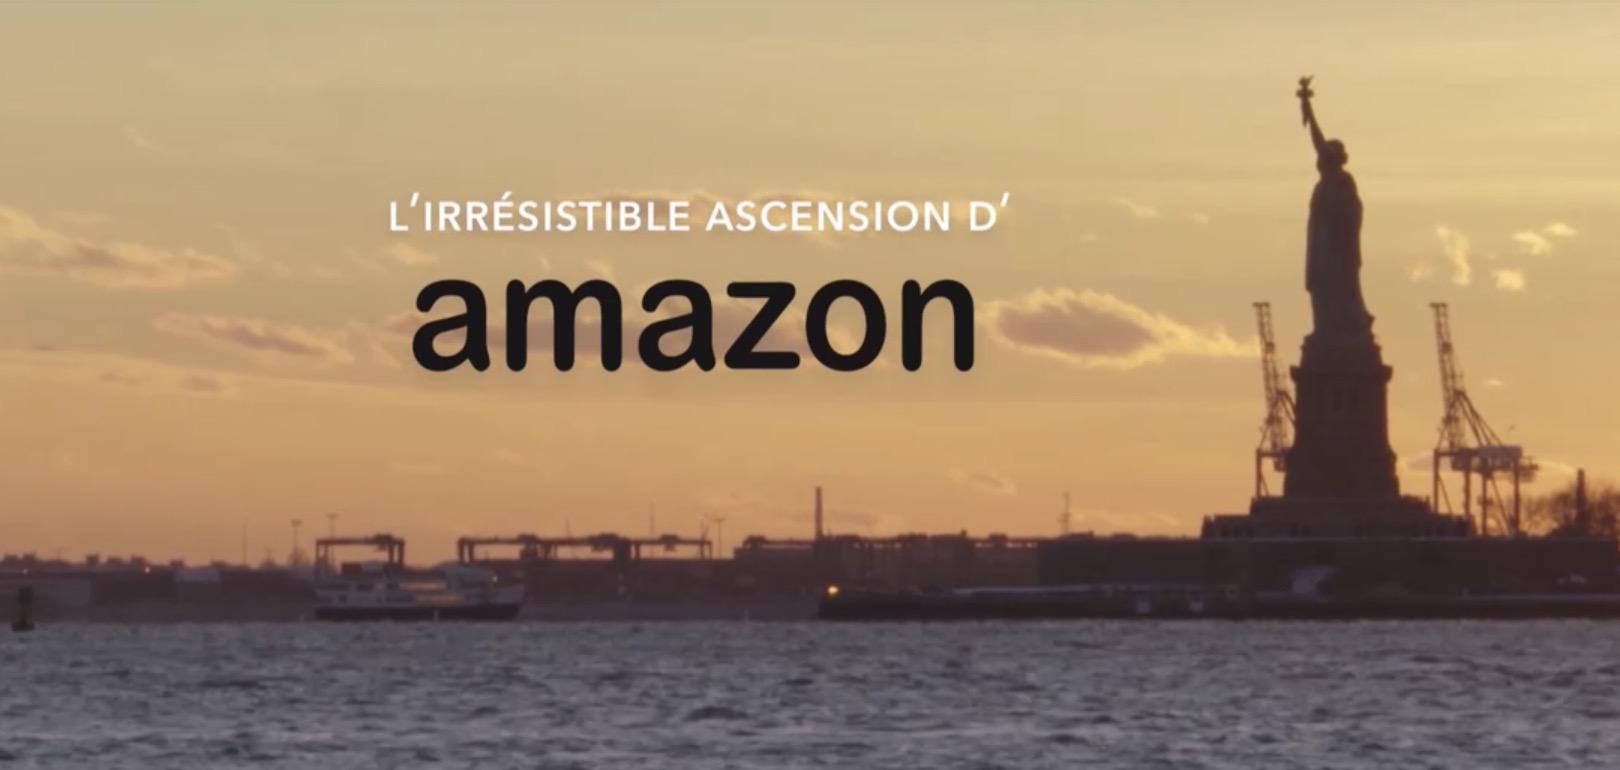 Amazon : Jeff Bezos à la conquête des mondes